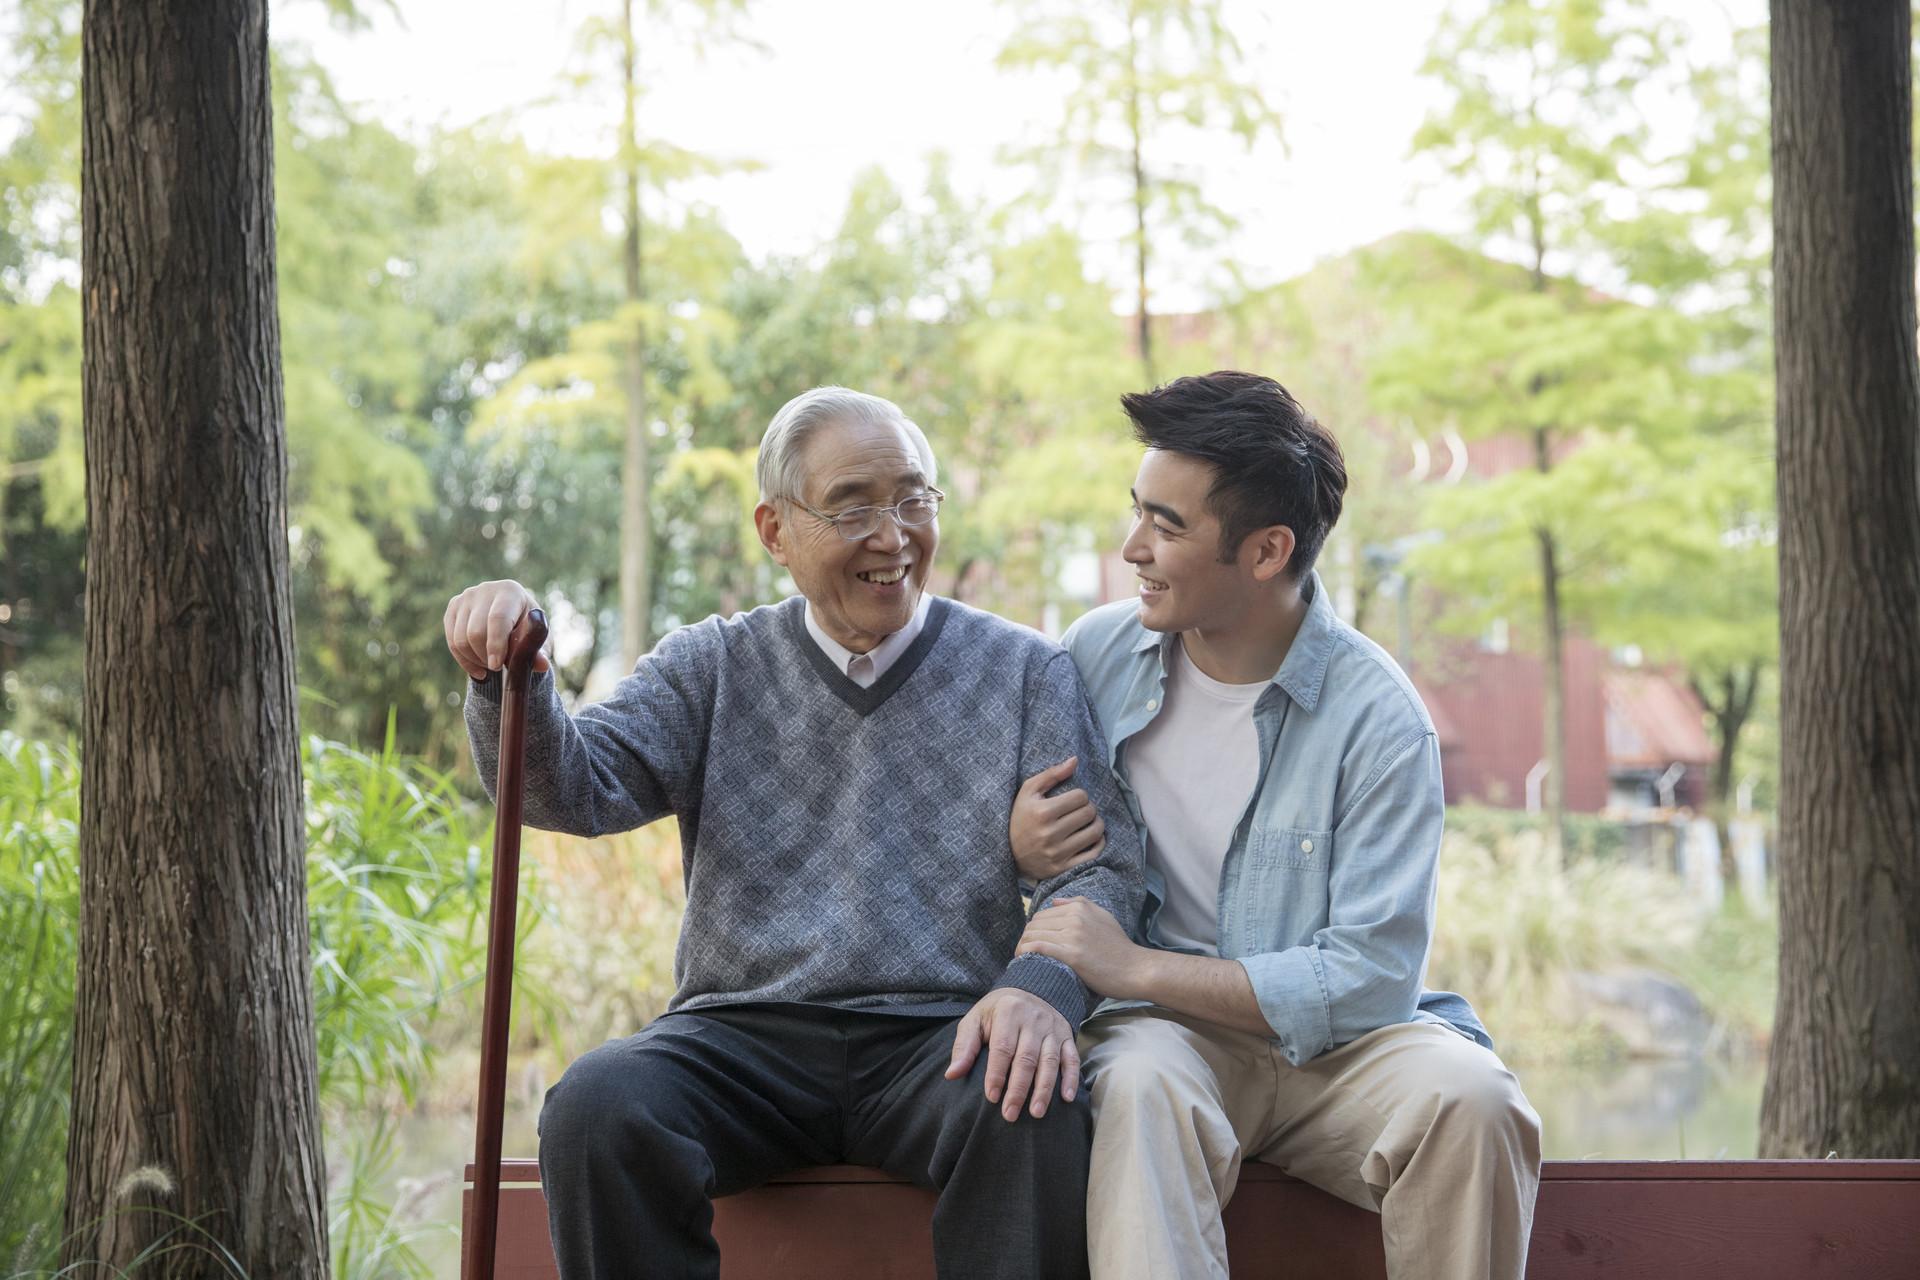 中國人身保險業重大疾病經驗發生率表